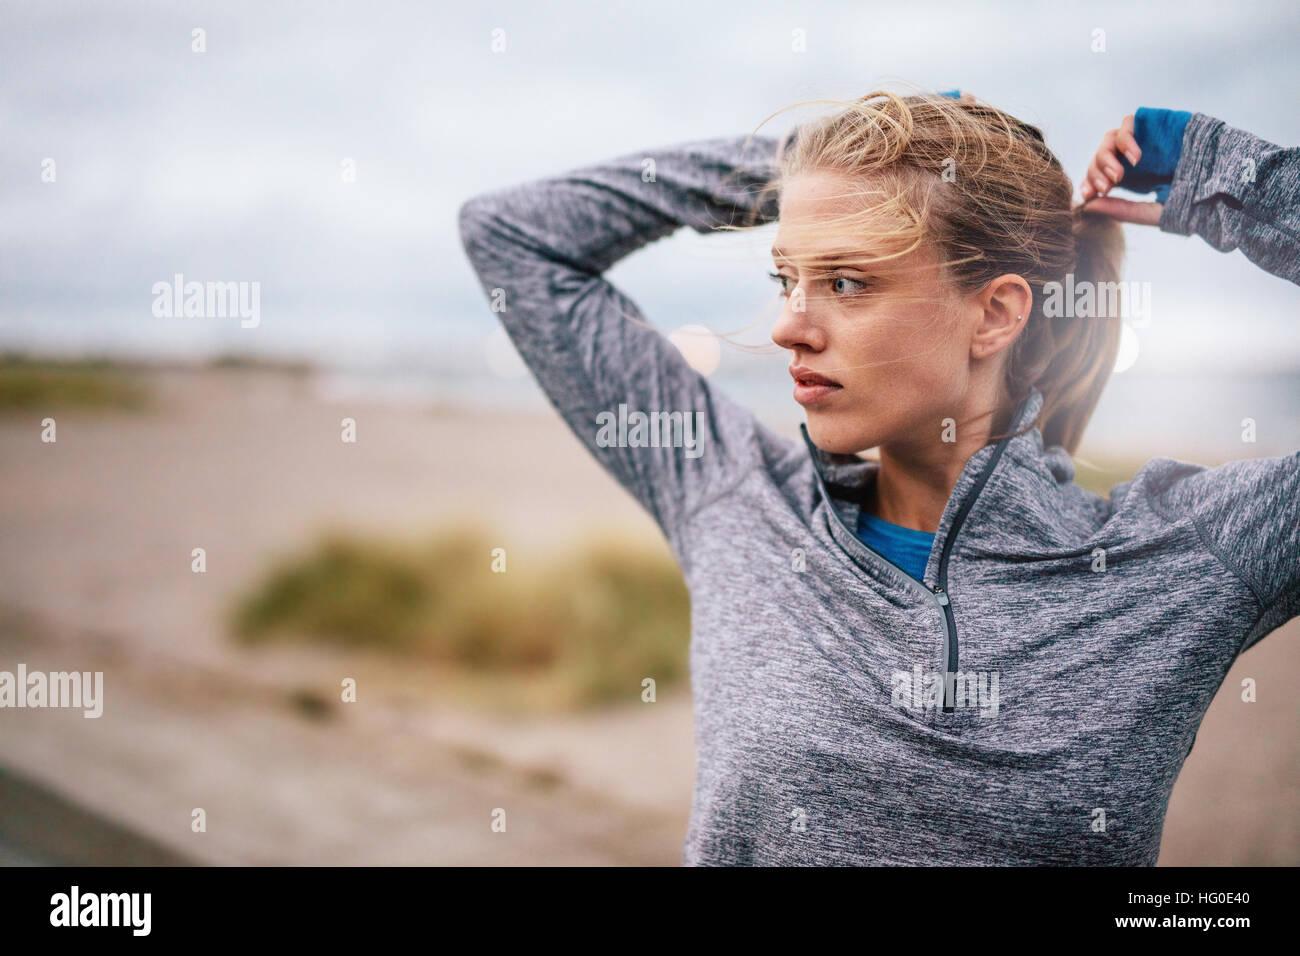 Nahaufnahme von jungen weiblichen Läufer, die Haare vor einem Lauf zu binden. Sportliche Fitness Frau auf outdoor Stockbild